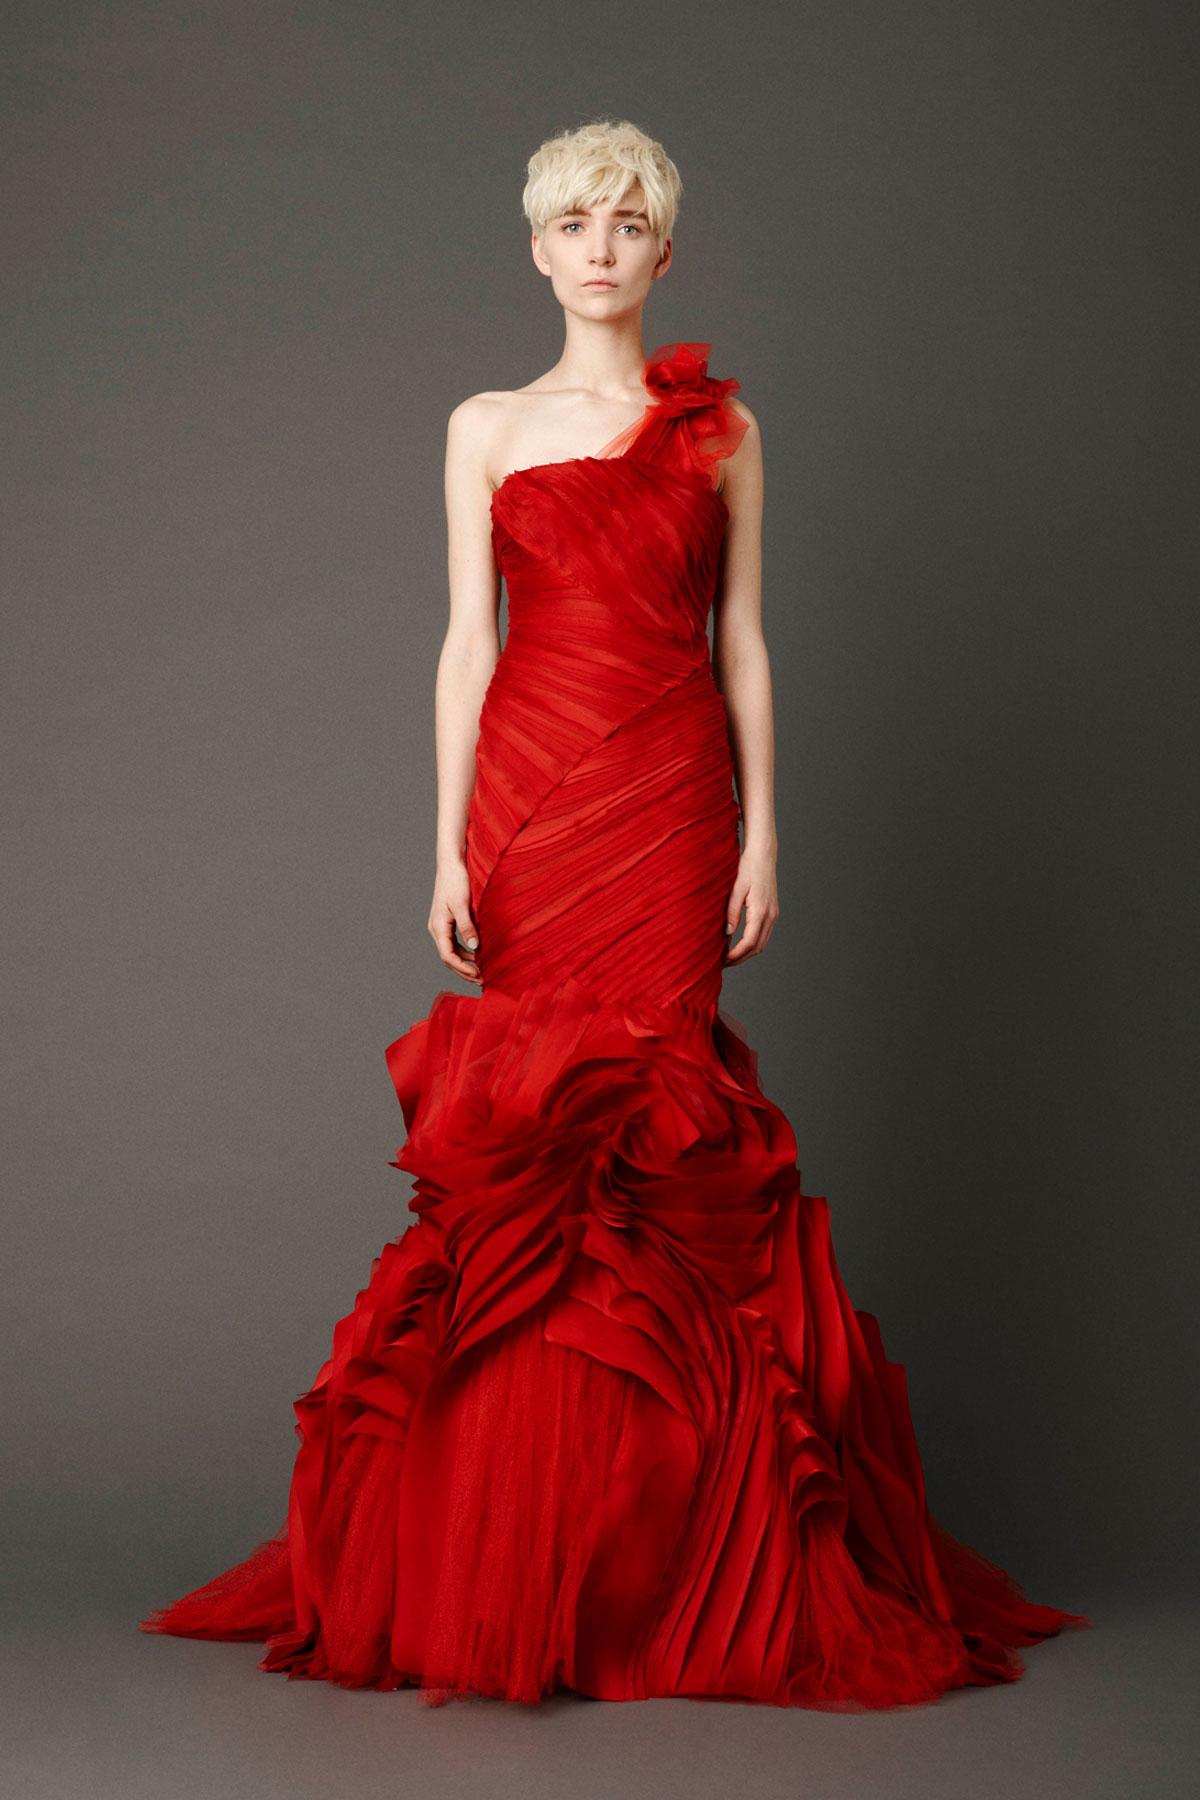 Red carpet La styliste américaine Vera Wang l\'a bien compris: le rouge est la couleur de prédilection de la passion et du glamour. Pour fouler au pied votre salle de réception comme à l\'âge d\'or du cinéma Hollywoodien, cette robe de mariée fourreau toute en drapées et volumes asymétriques est une ode à l\'amour.  Crédit photo : Vera Wang